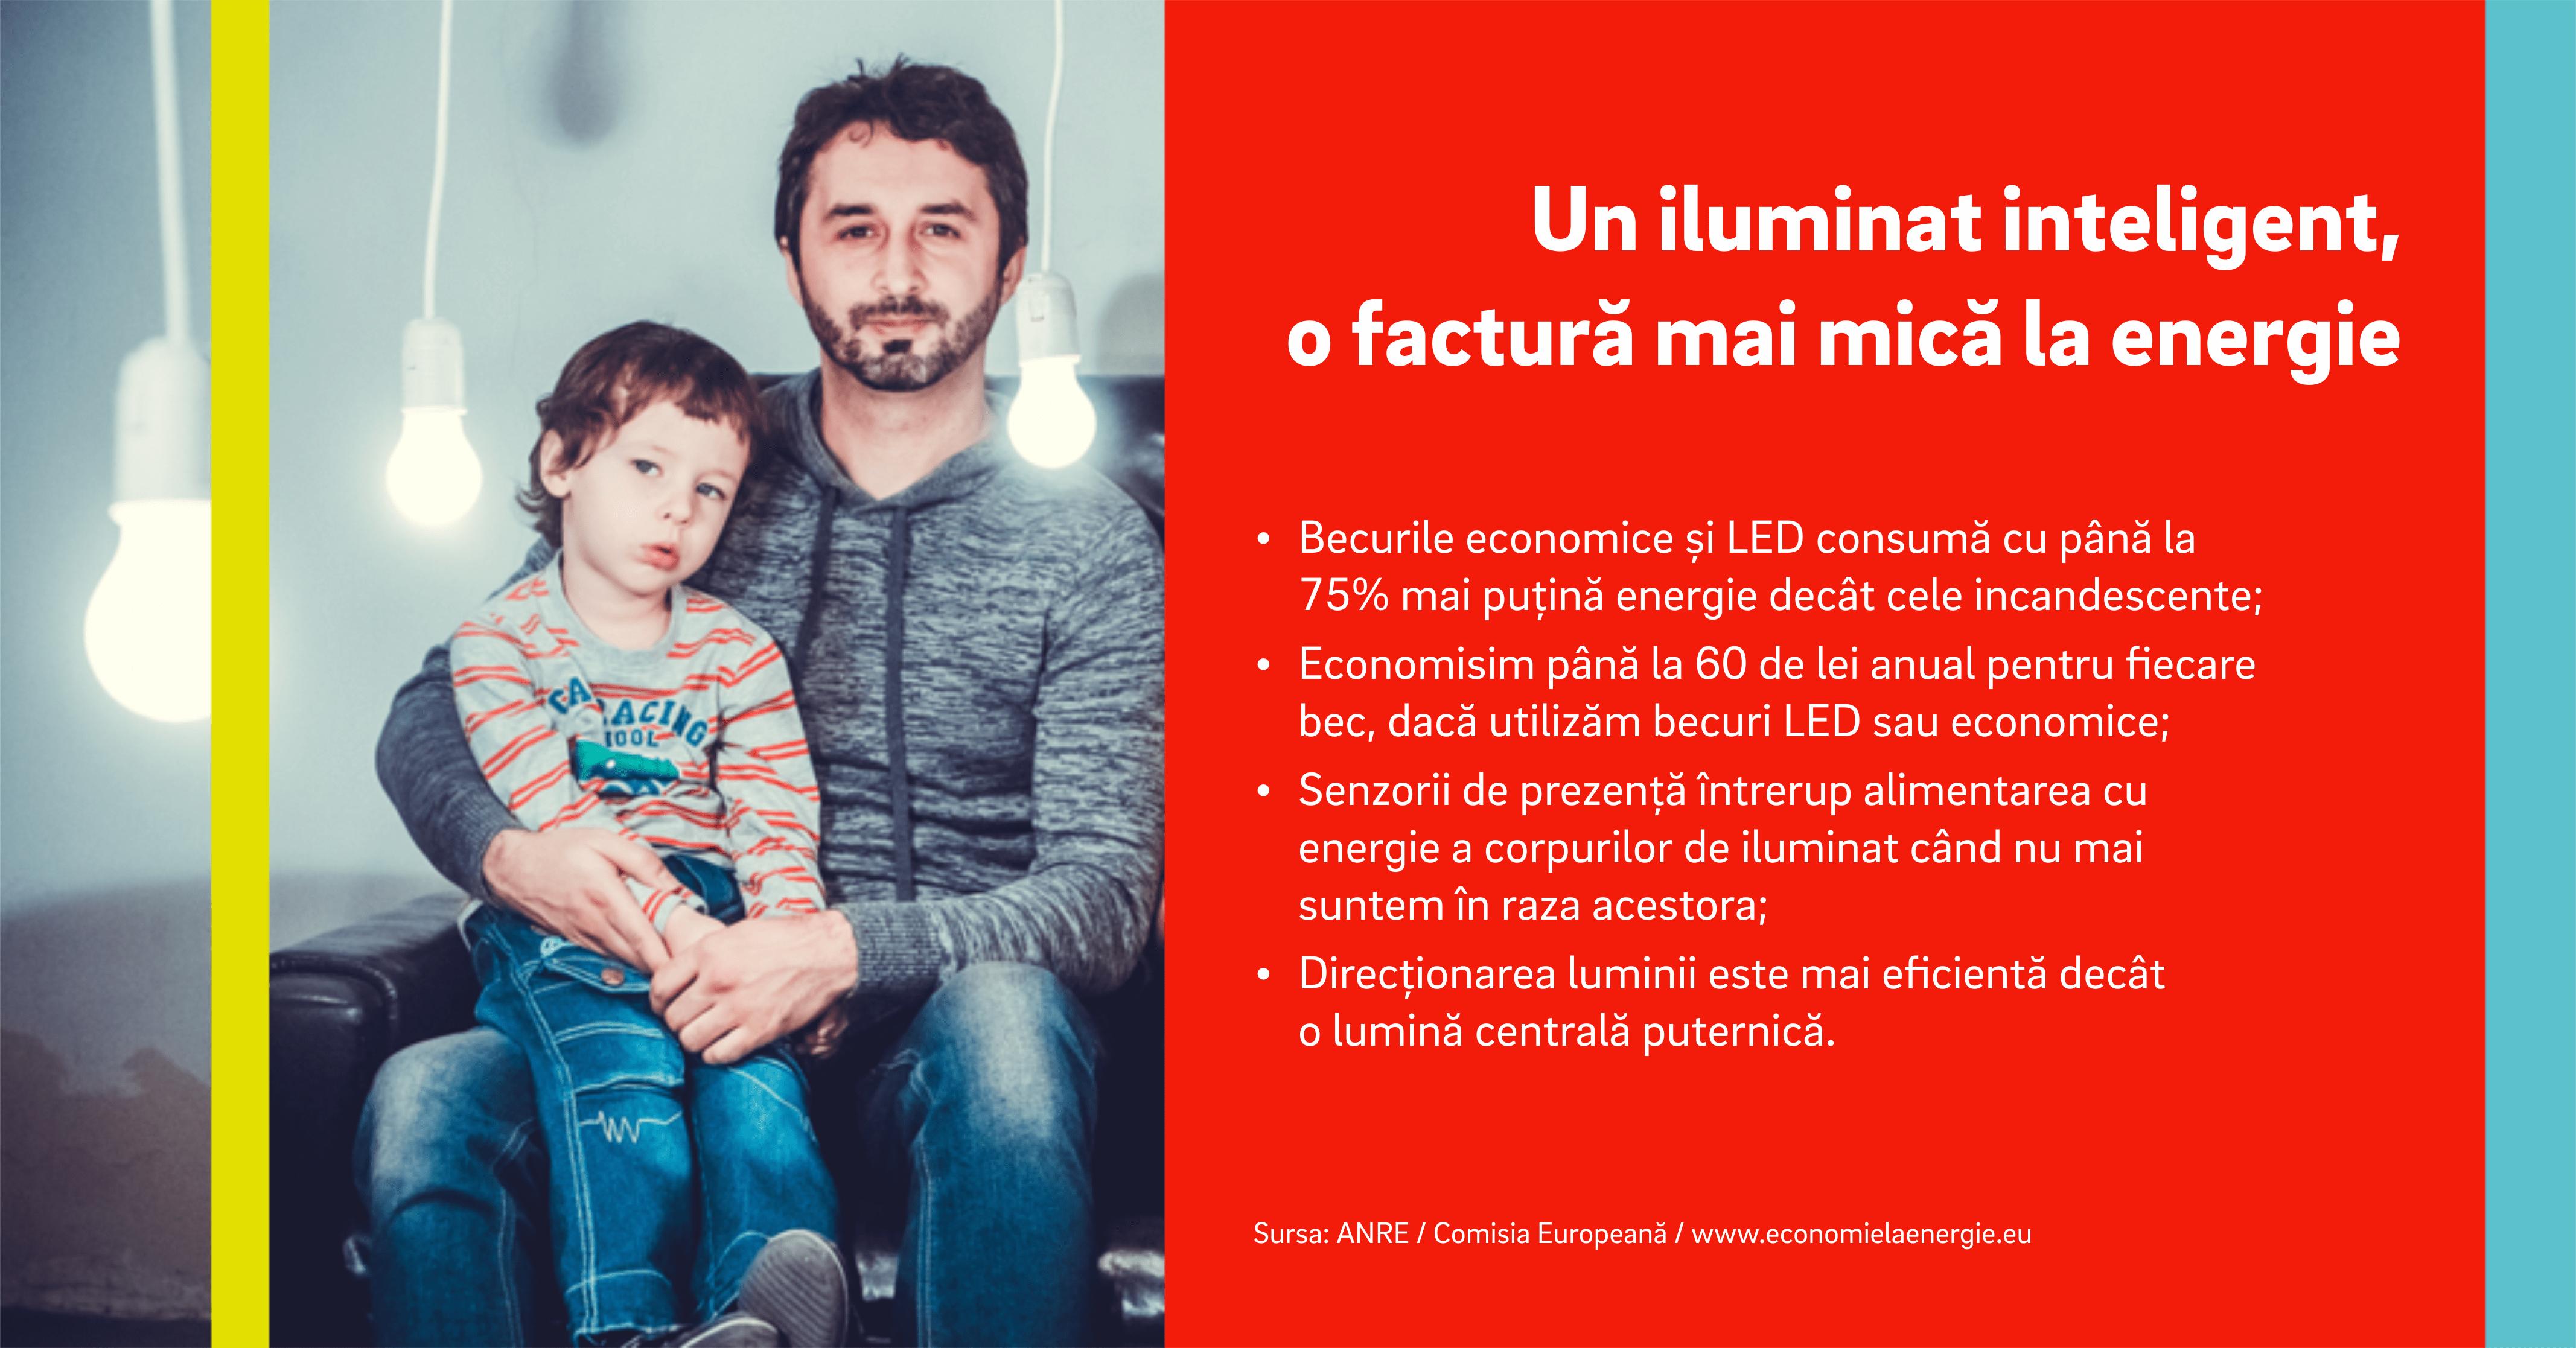 E.ON România: Cum îți poți reduce factura la energie cu ajutorul iluminatului inteligent